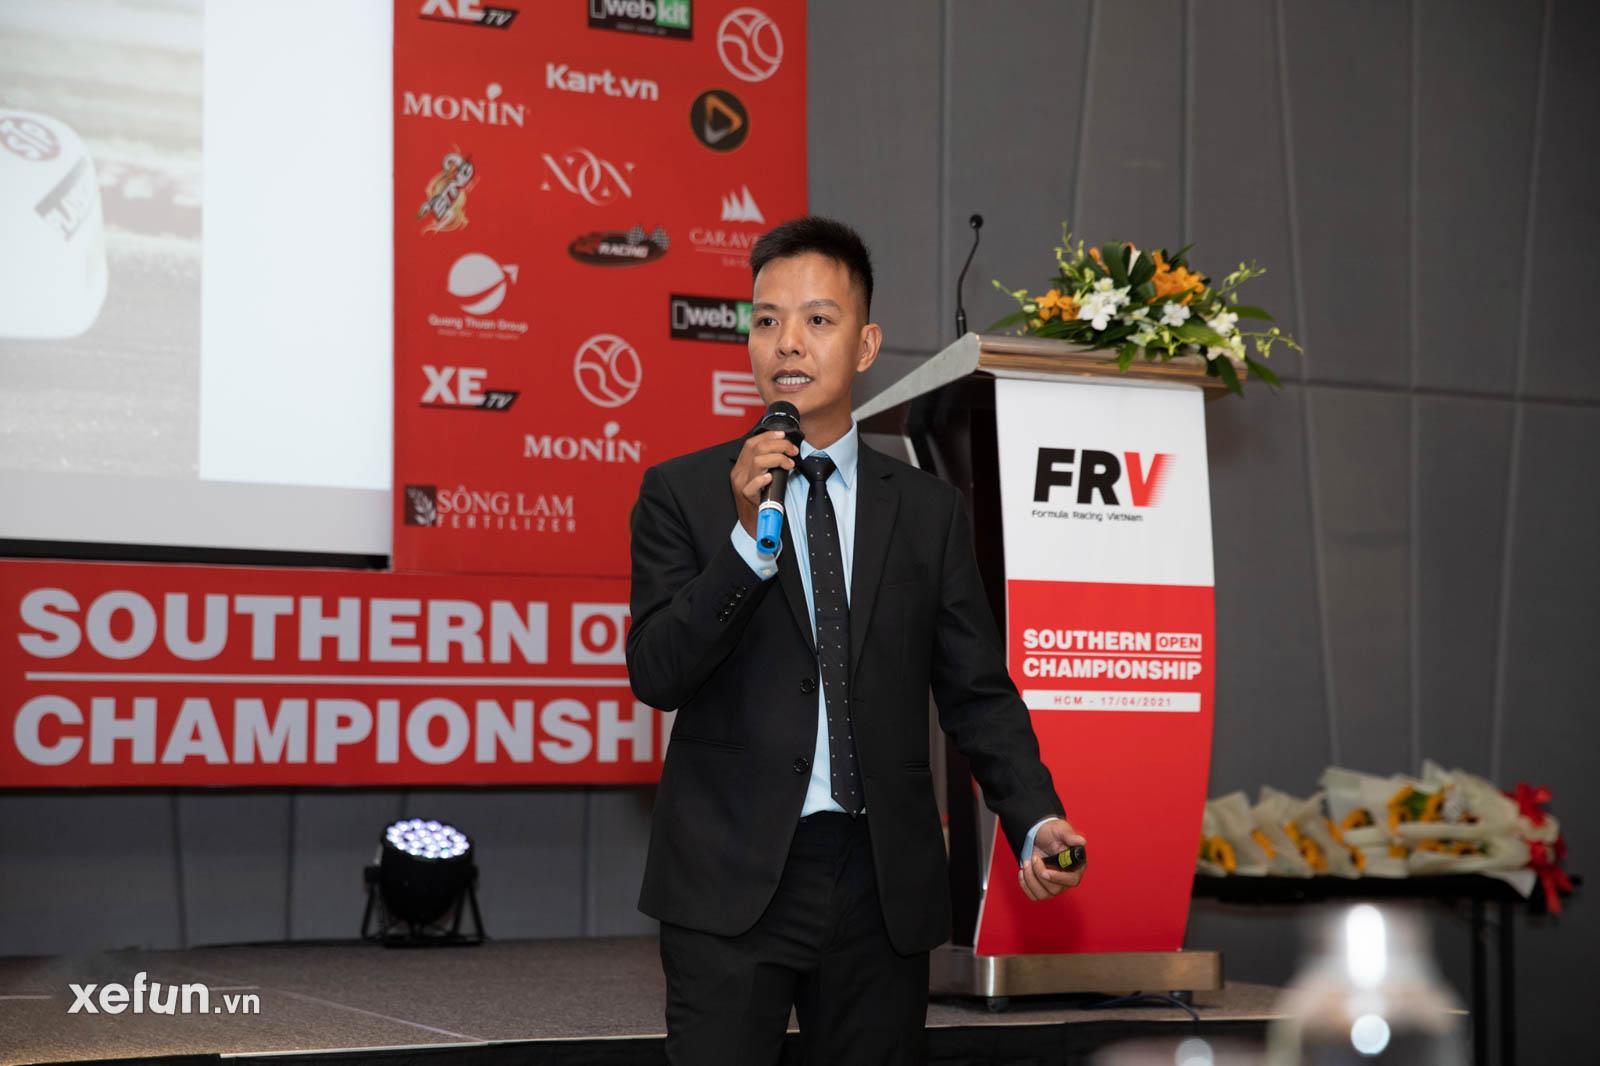 Giải đua Go Kart Southern Open Championship Formula Racing Vietnam trên Xefun (1)36575